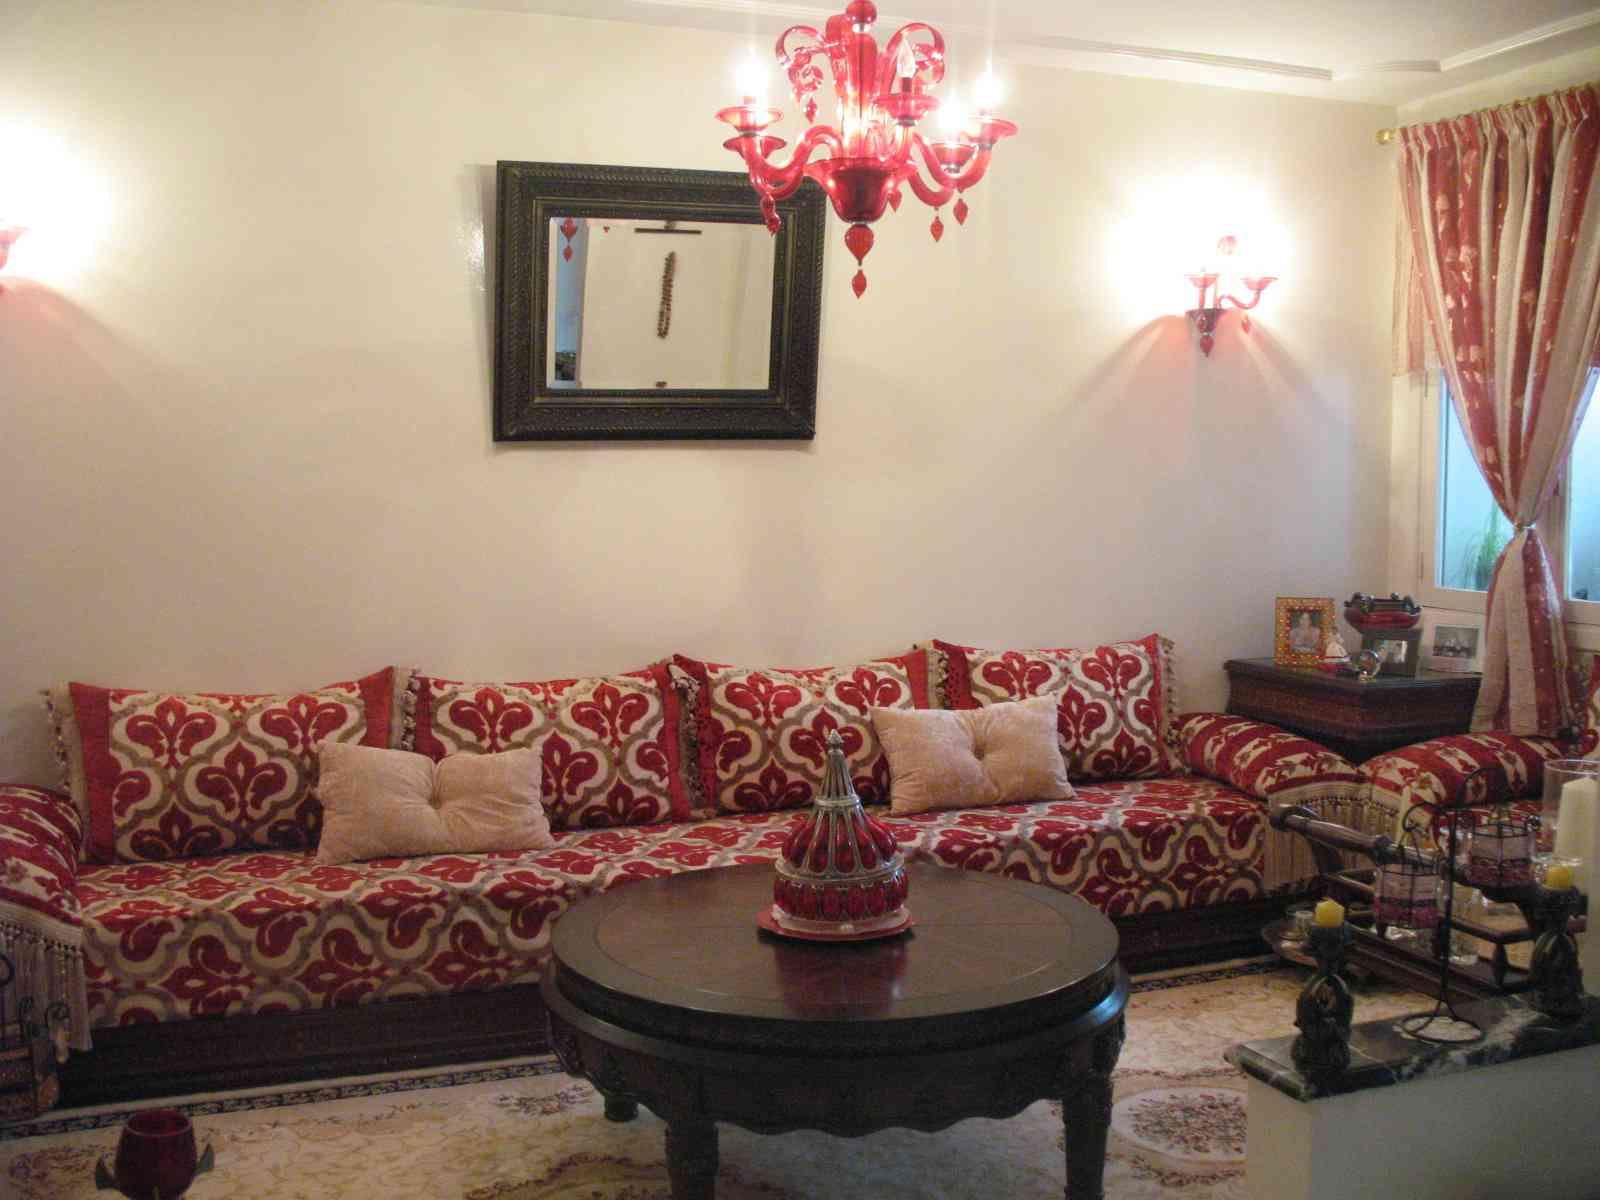 appartement vendre rabat sale maroc bord de mer vente appartement rabat sale pas cher. Black Bedroom Furniture Sets. Home Design Ideas